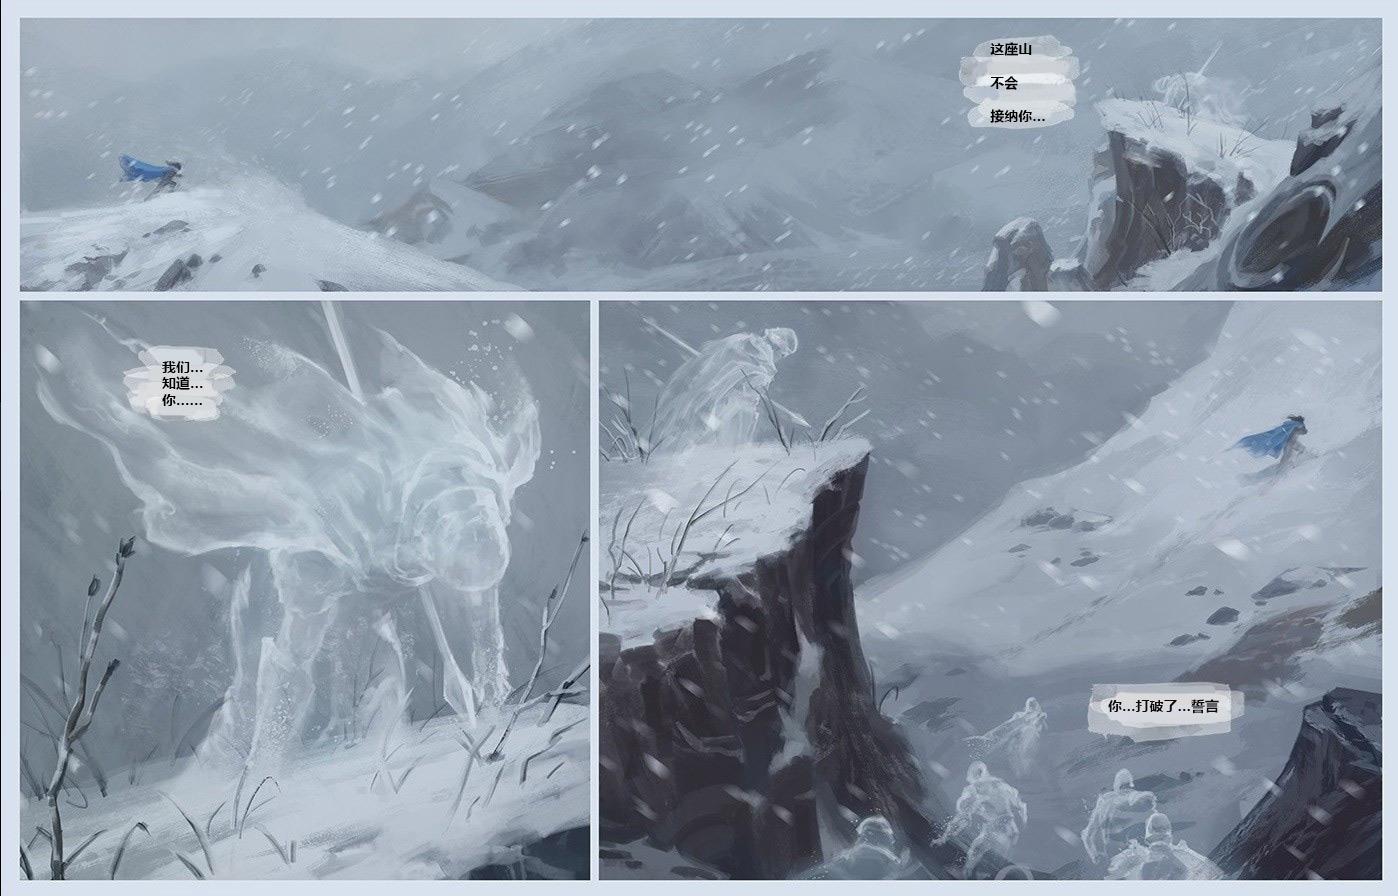 《英雄联盟》官方漫画公布 宝石骑士重做极像比利王